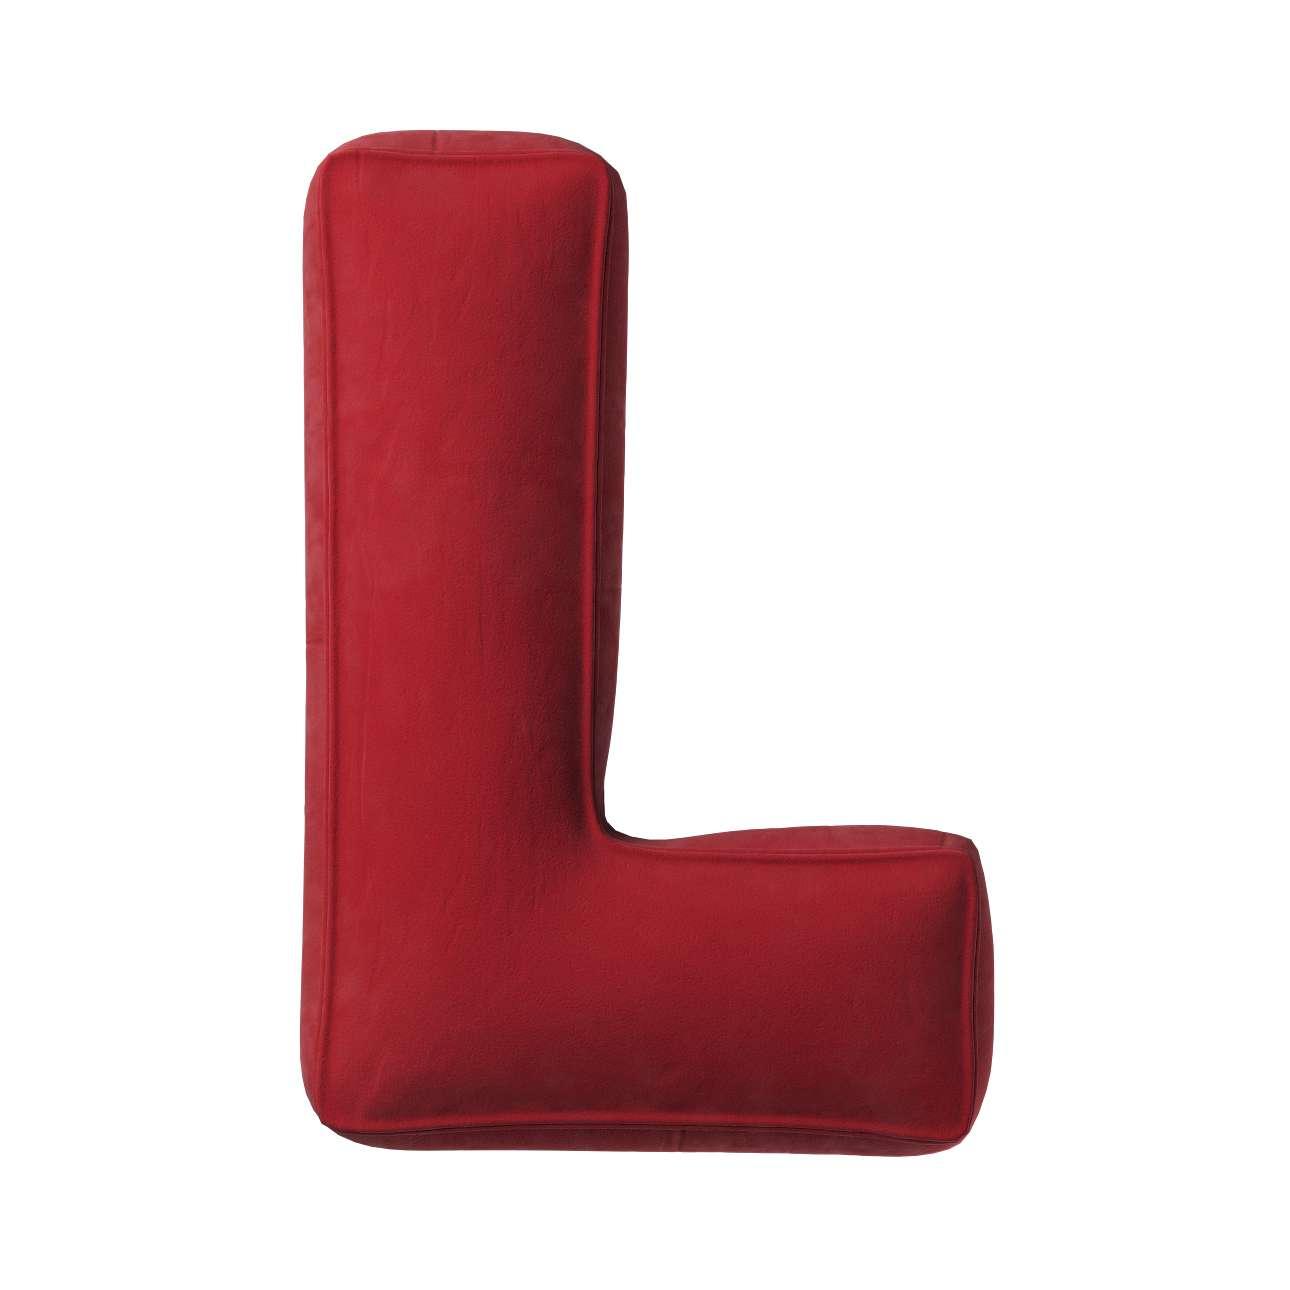 Buchstabenkissen L von der Kollektion Posh Velvet, Stoff: 704-15